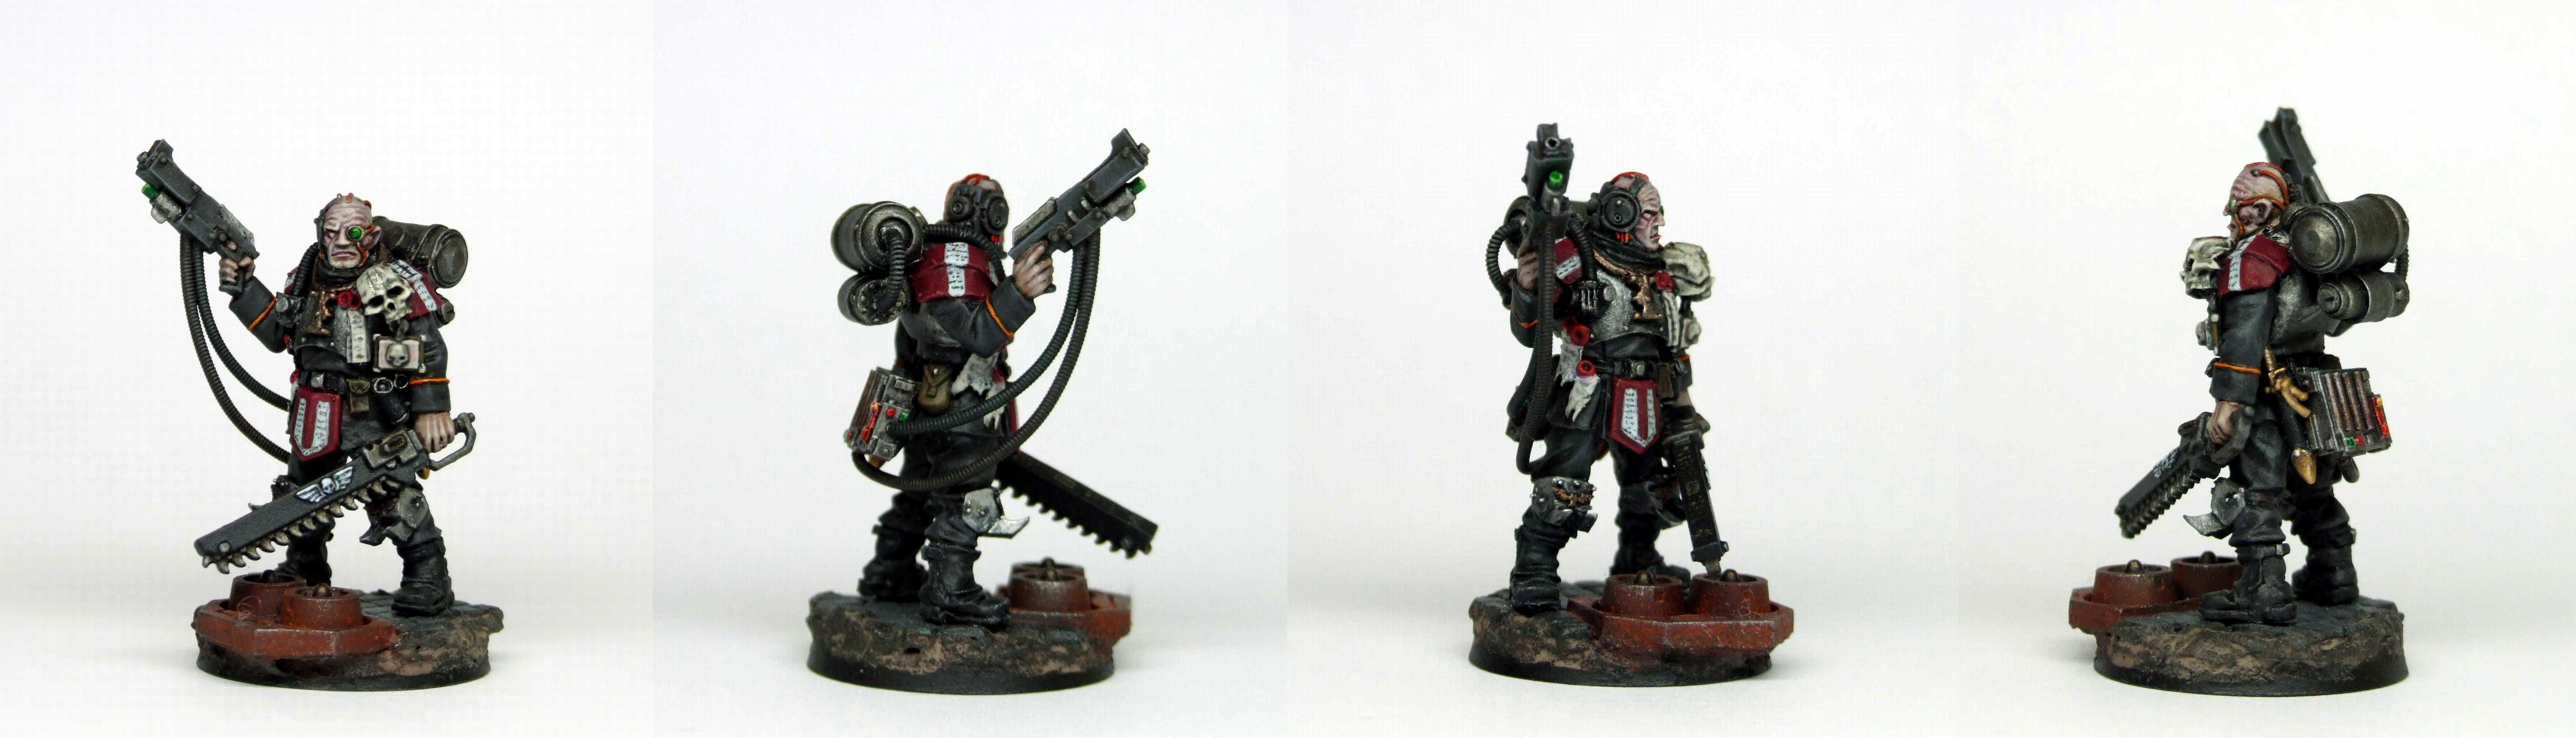 Inq28, Inquisitor, Ordo Malleus, Scion, Storm Troopers